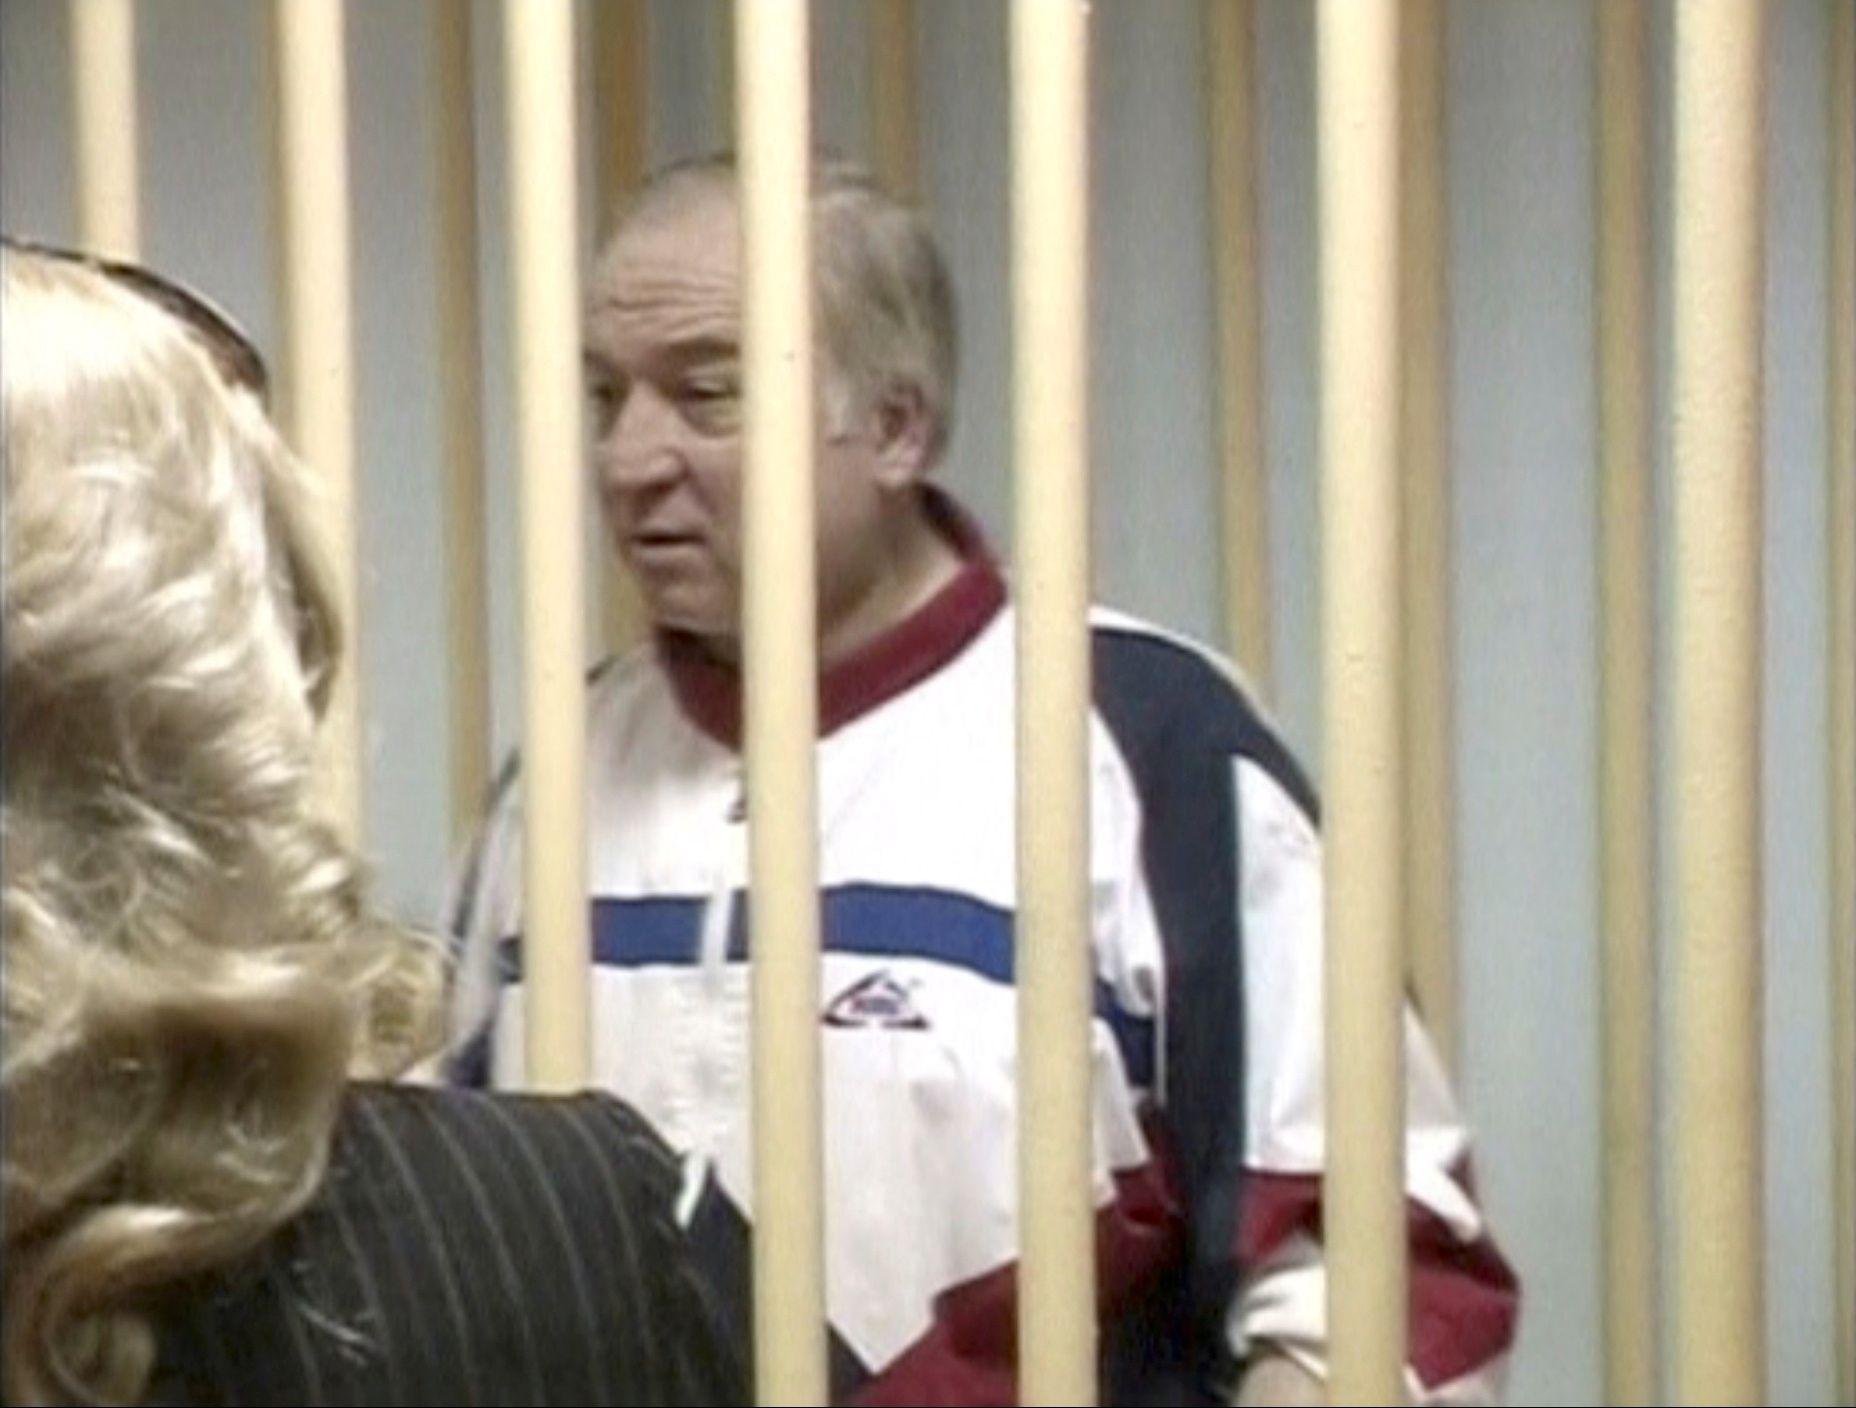 FORGIFTET: Den russiske eksspionen Sergej Skripal ble forgiftet av et sjeldent nervemiddel. Det startet ordkrigen mellom Storbritannia og Russland.